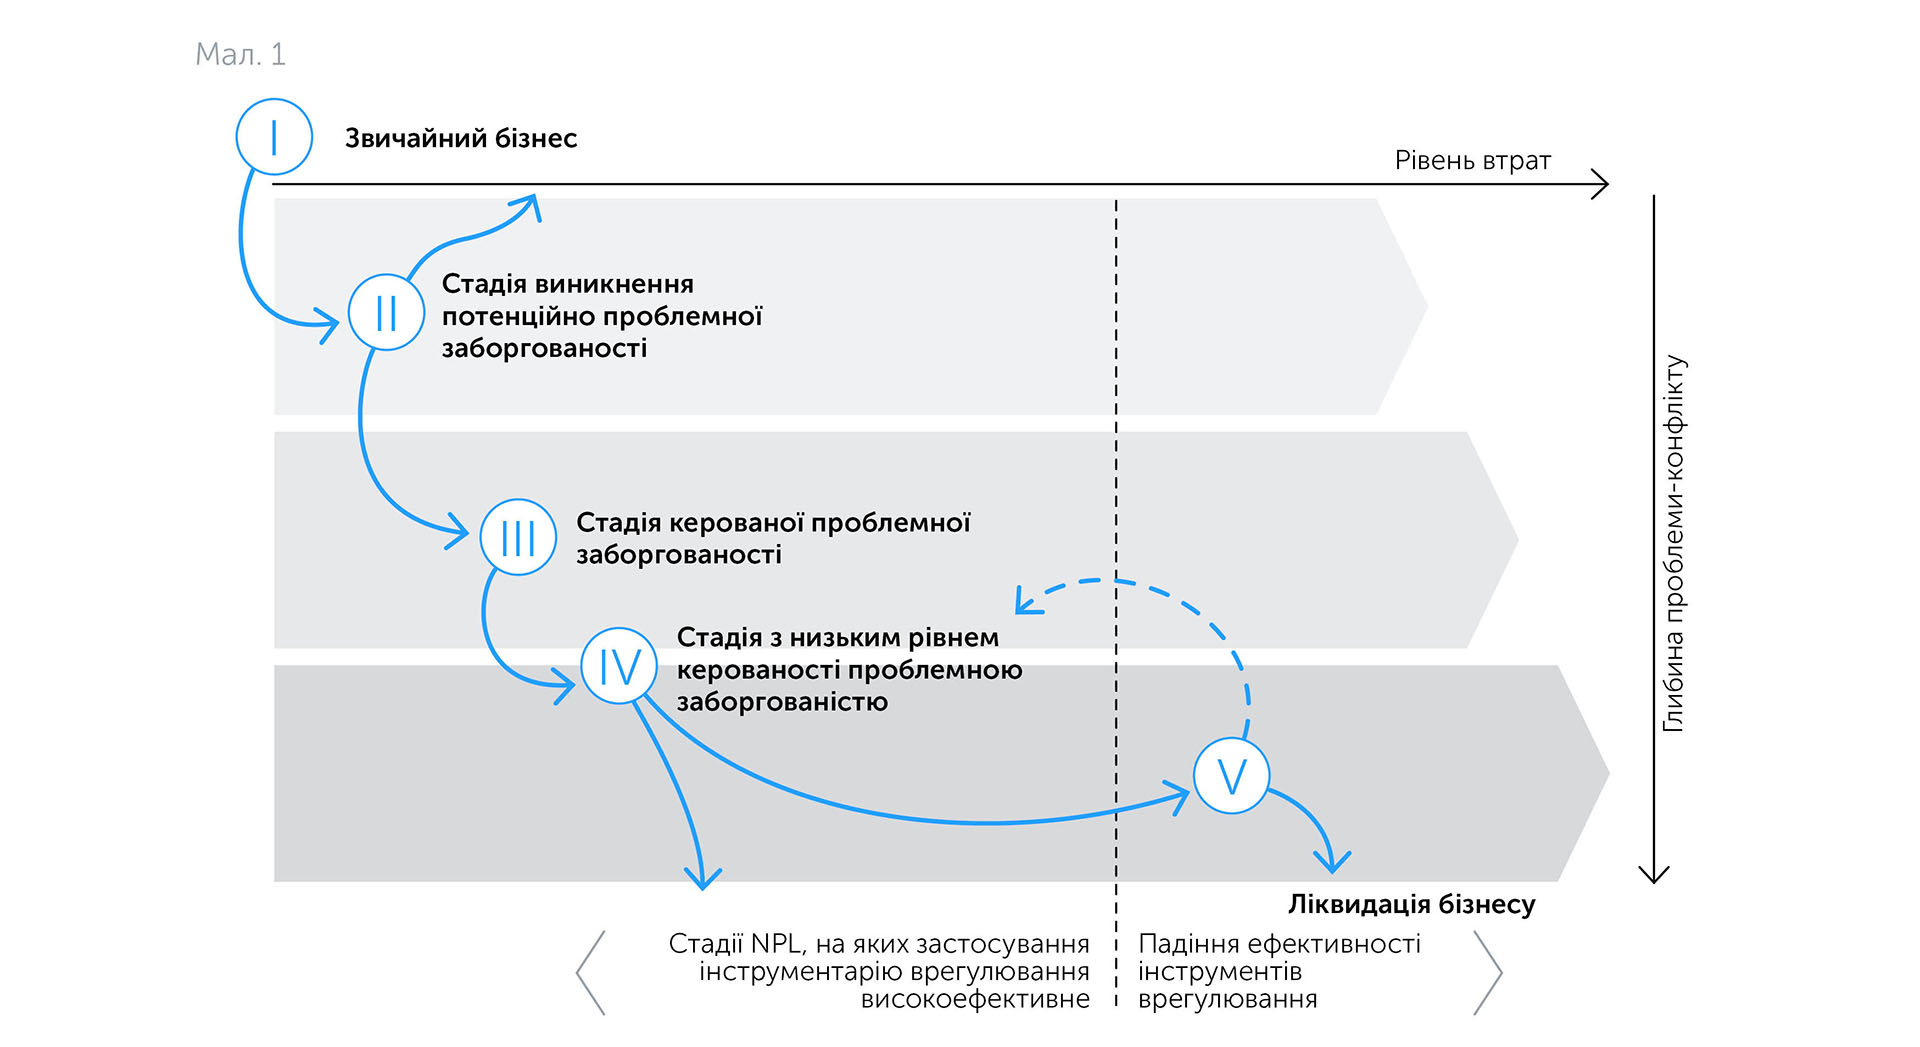 Бізнес: підготовка до зростання | Kyivstar Business Hub зображення №20